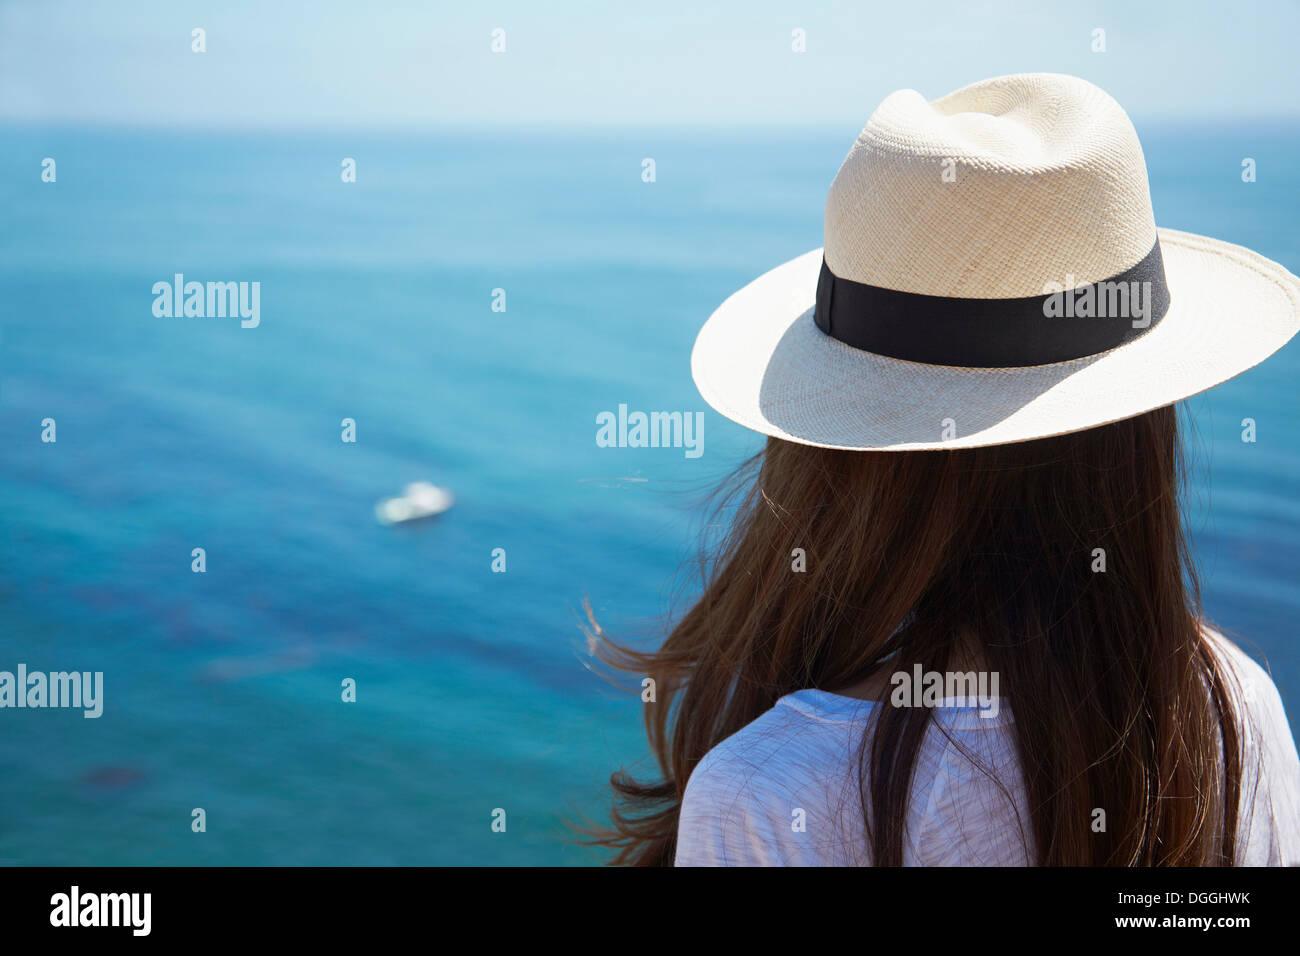 Mujer joven mirando al mar, Palos Verdes, California, EE.UU. Imagen De Stock